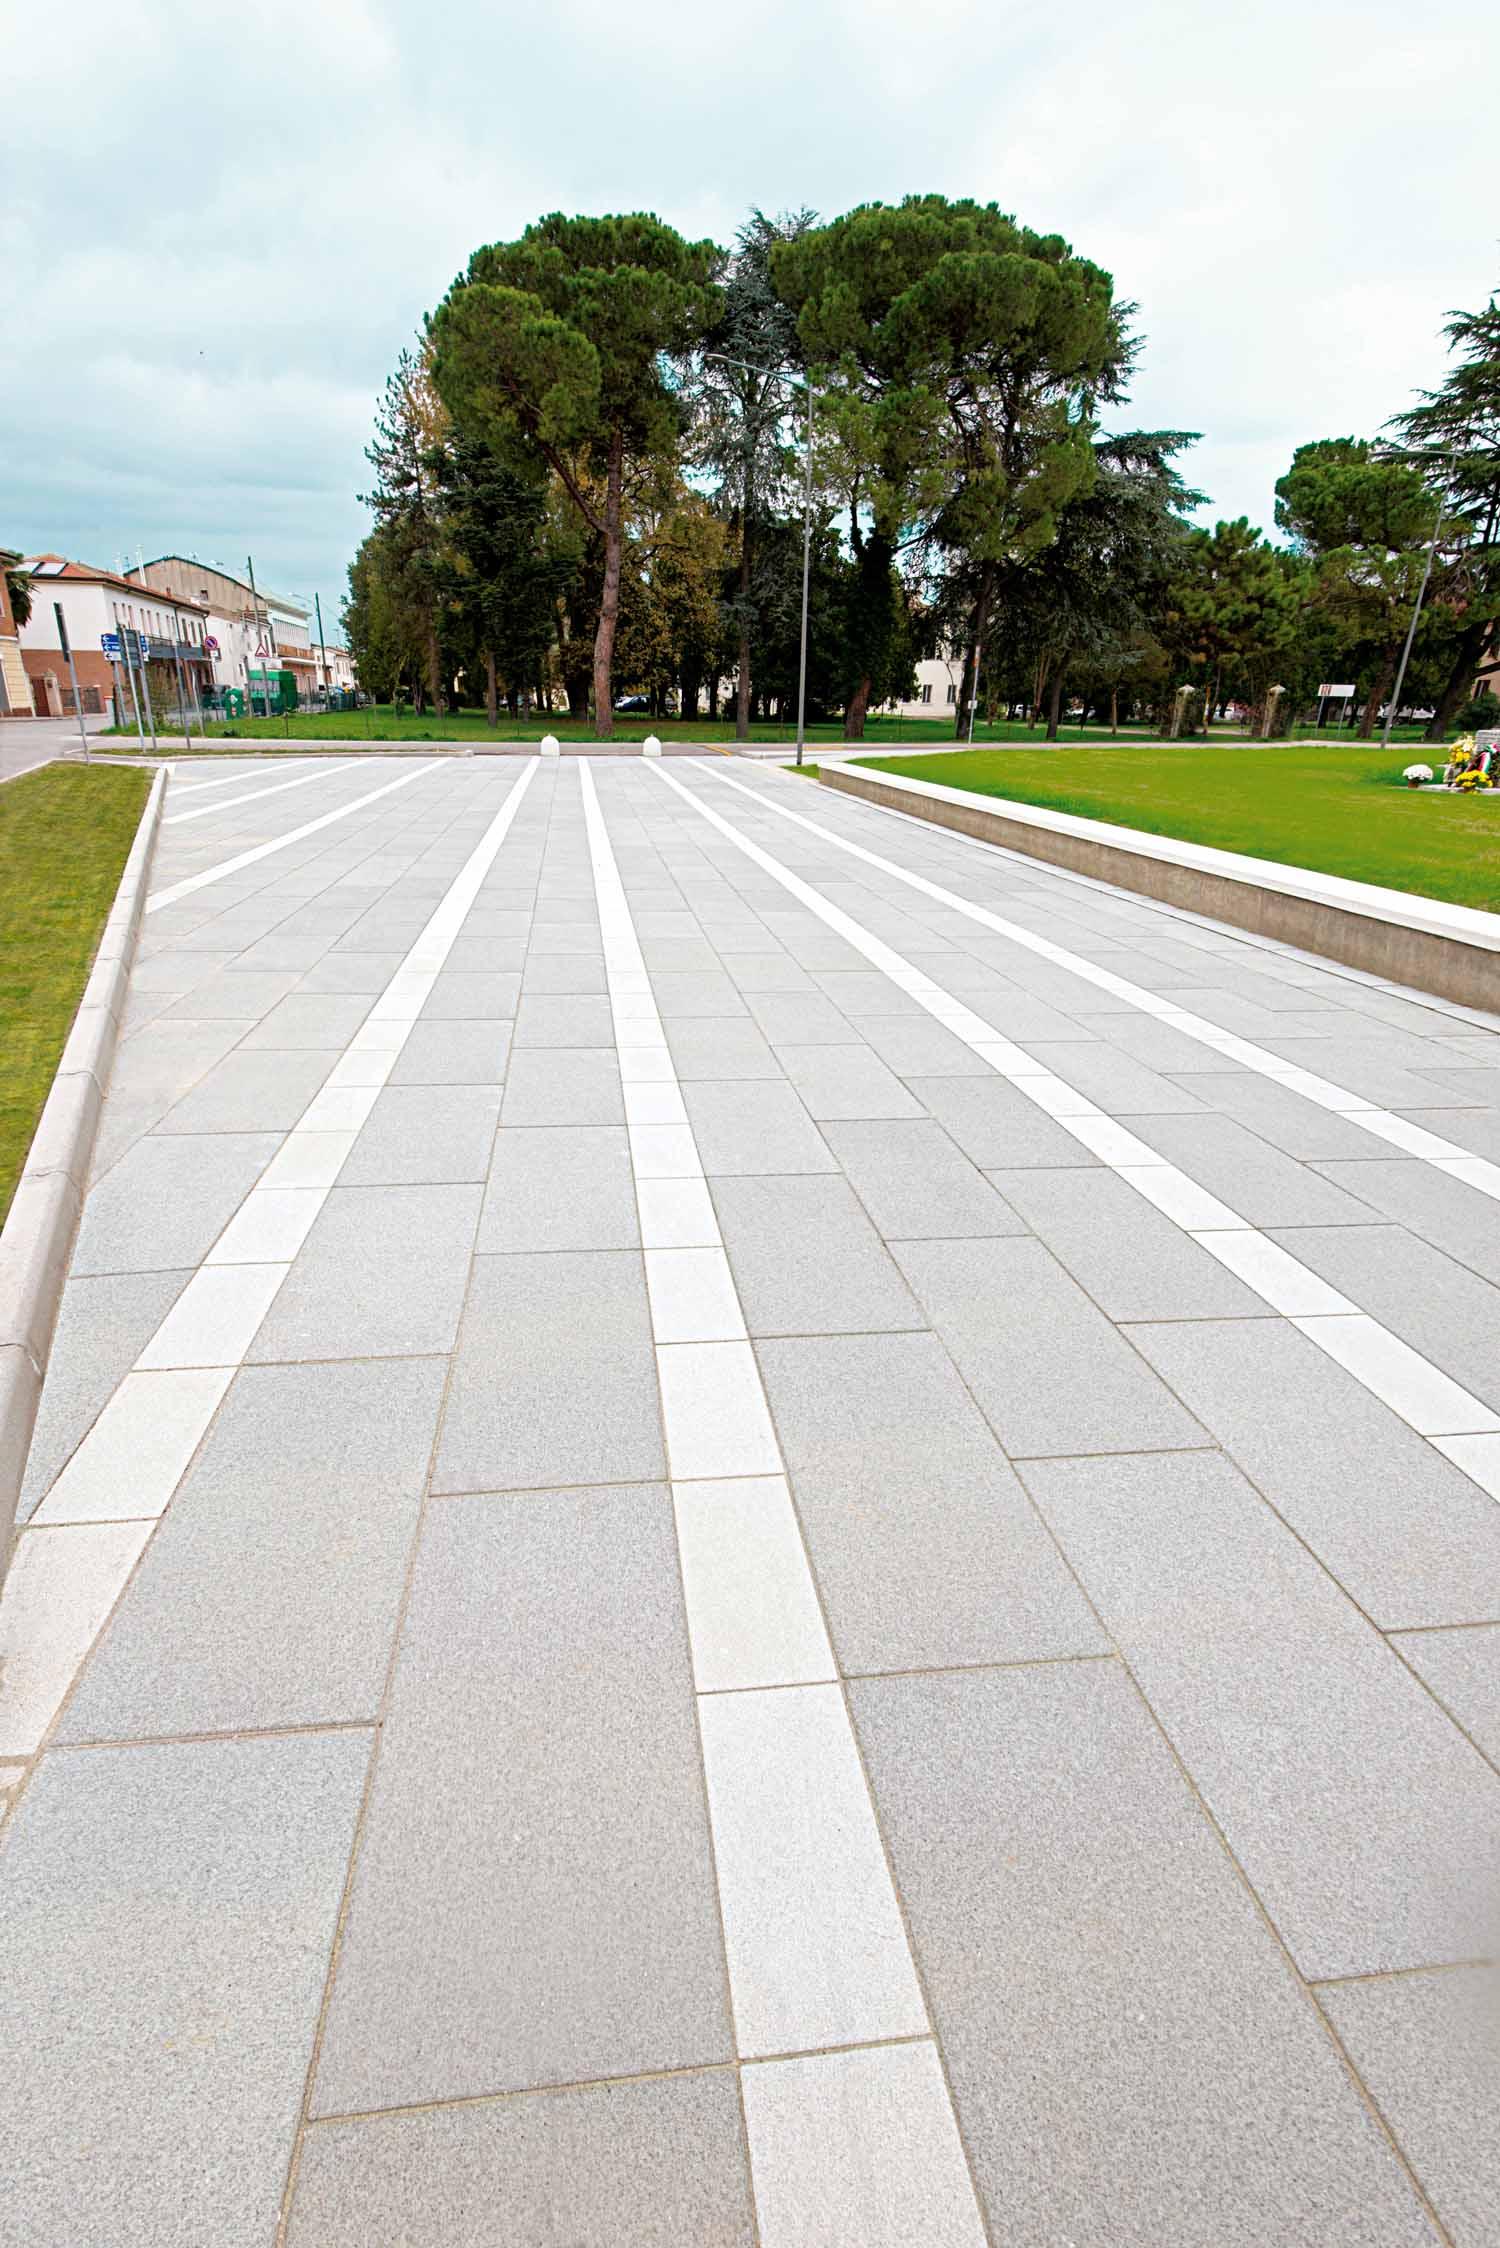 Piazza centrale antistante la chiesa di Malborghetto, Ferrara, Italia